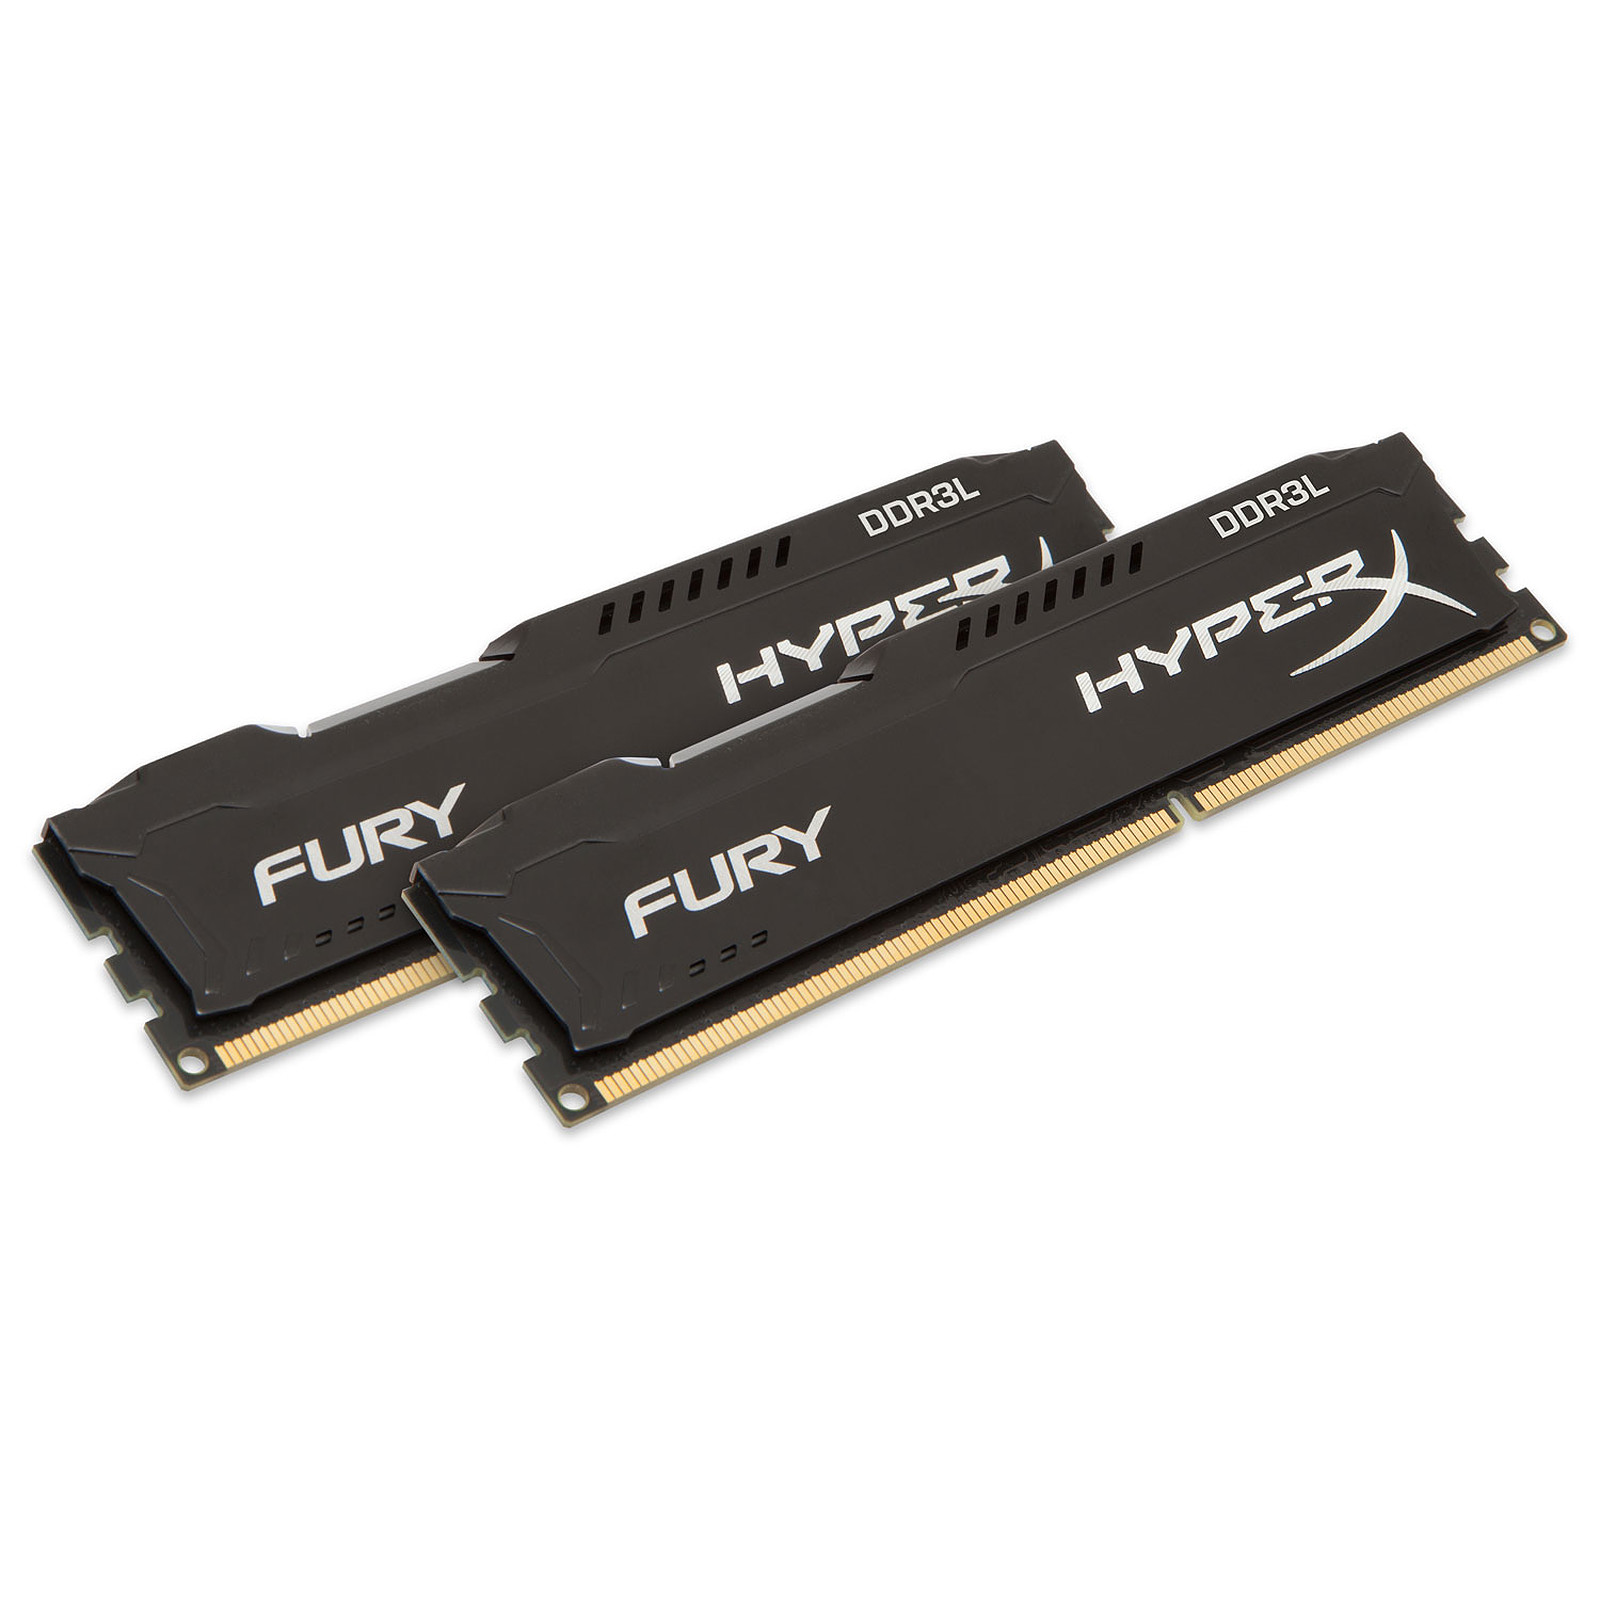 HyperX Fury 8 Go (2 x 4 Go) DDR3L 1600 MHz CL10